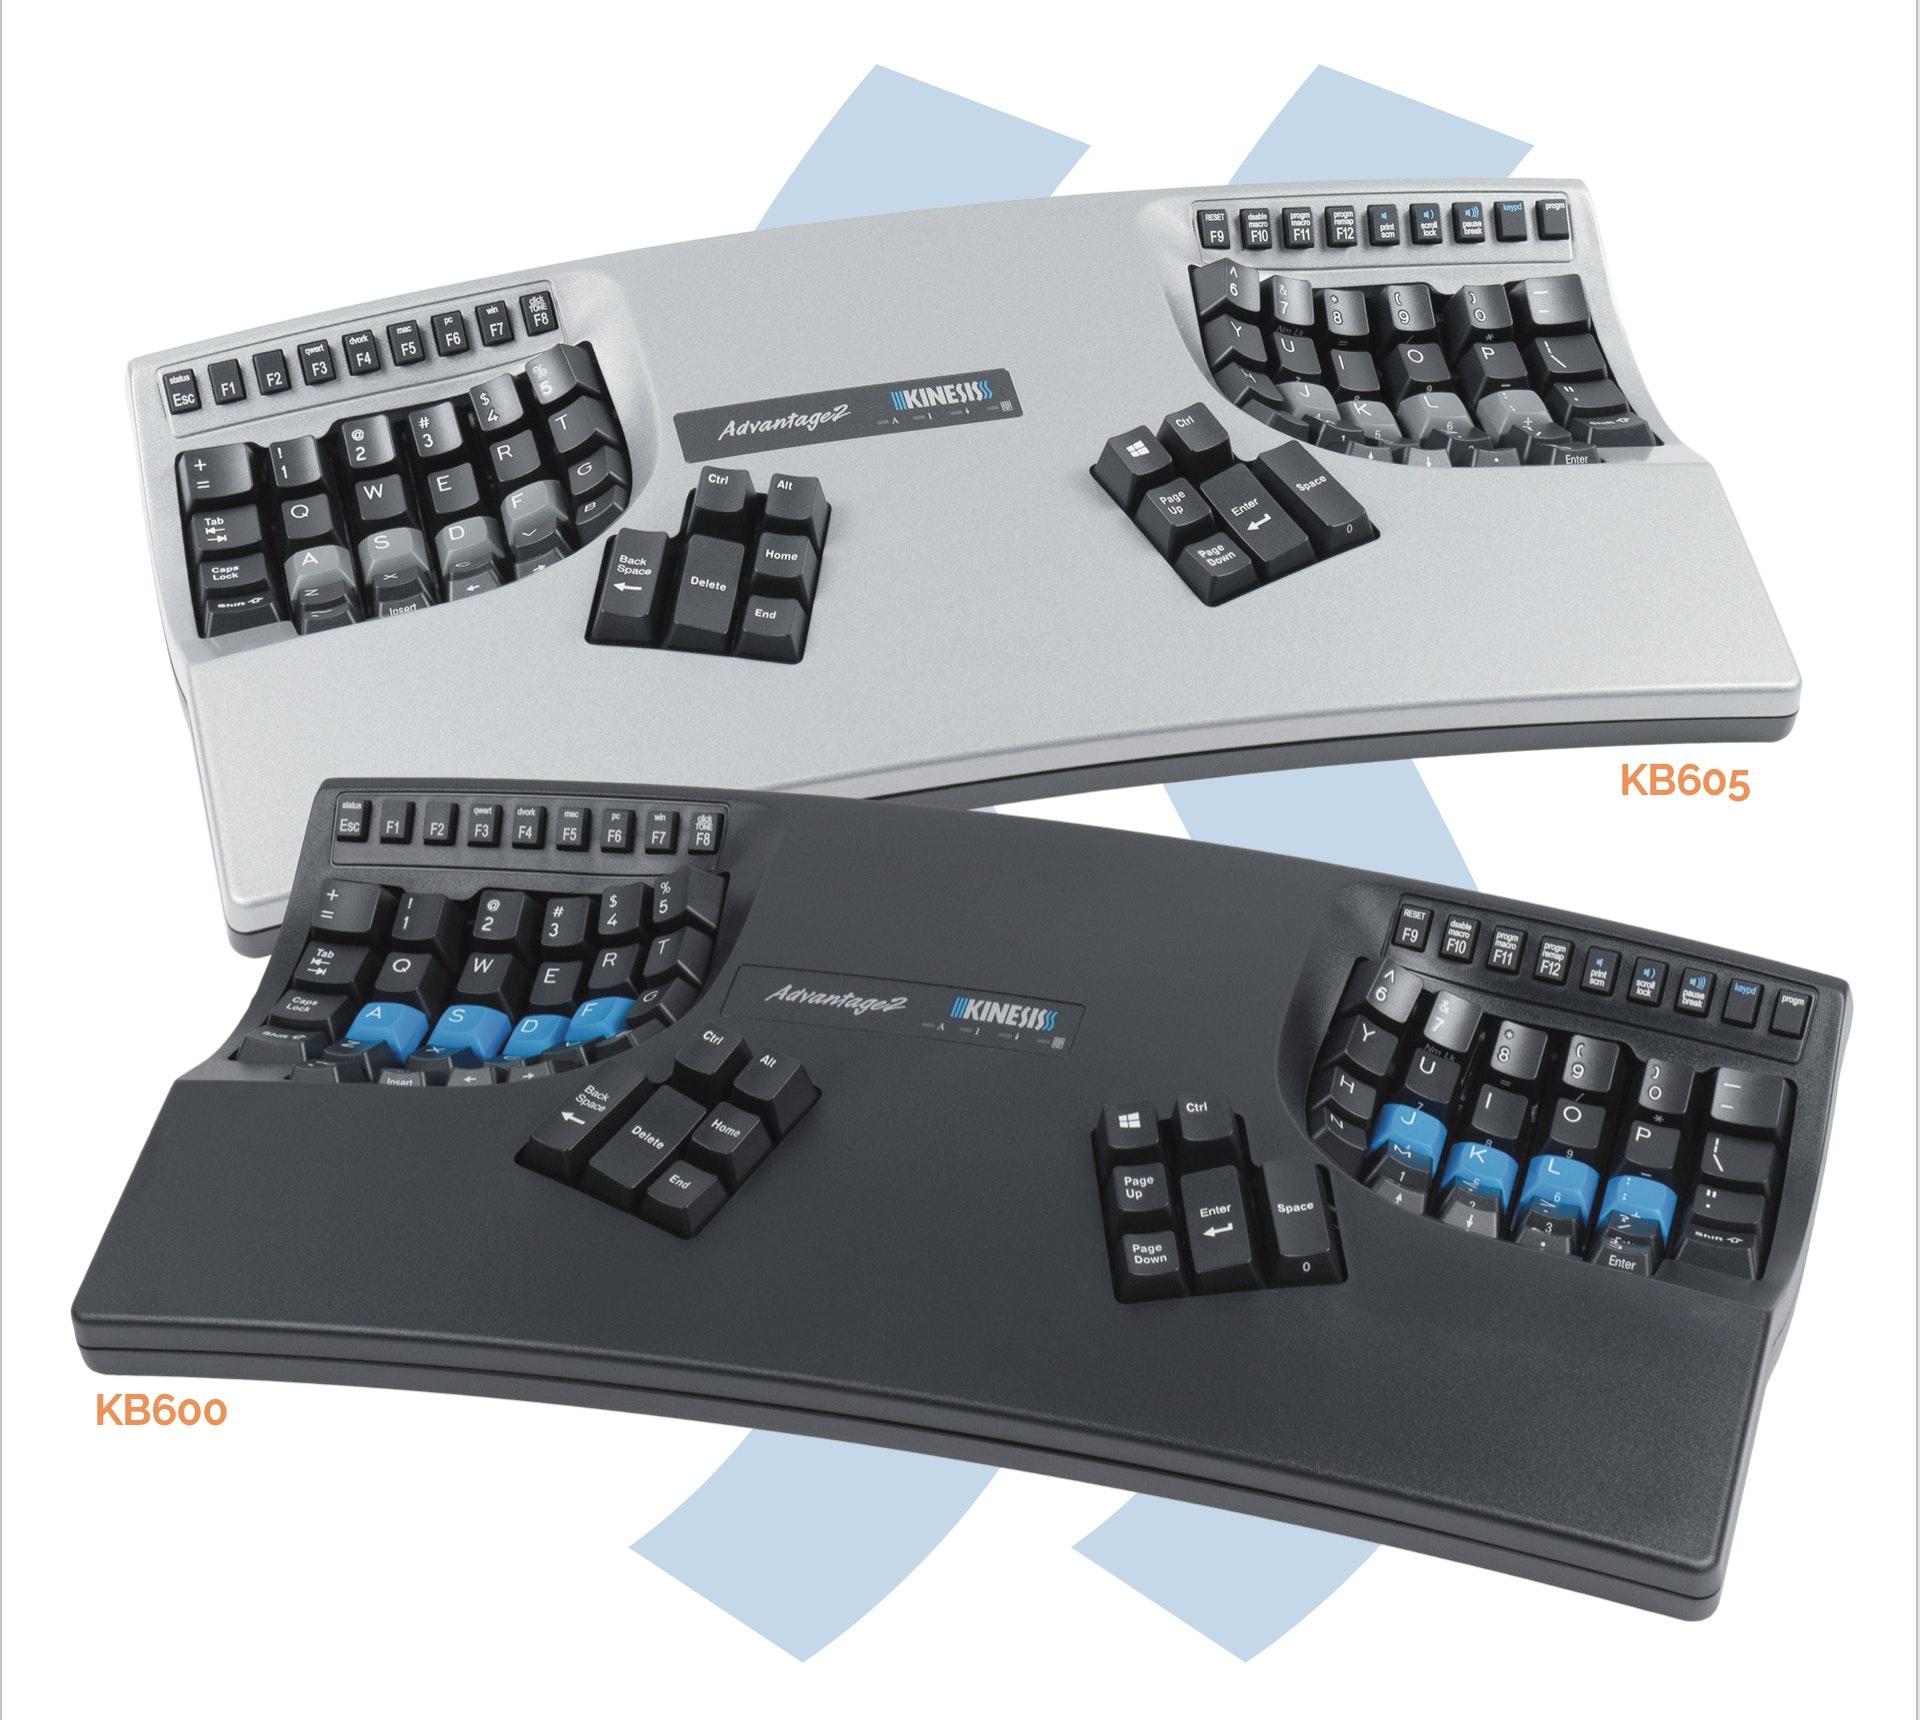 Kinesis Advantage2 (PC & Mac) KB600/605